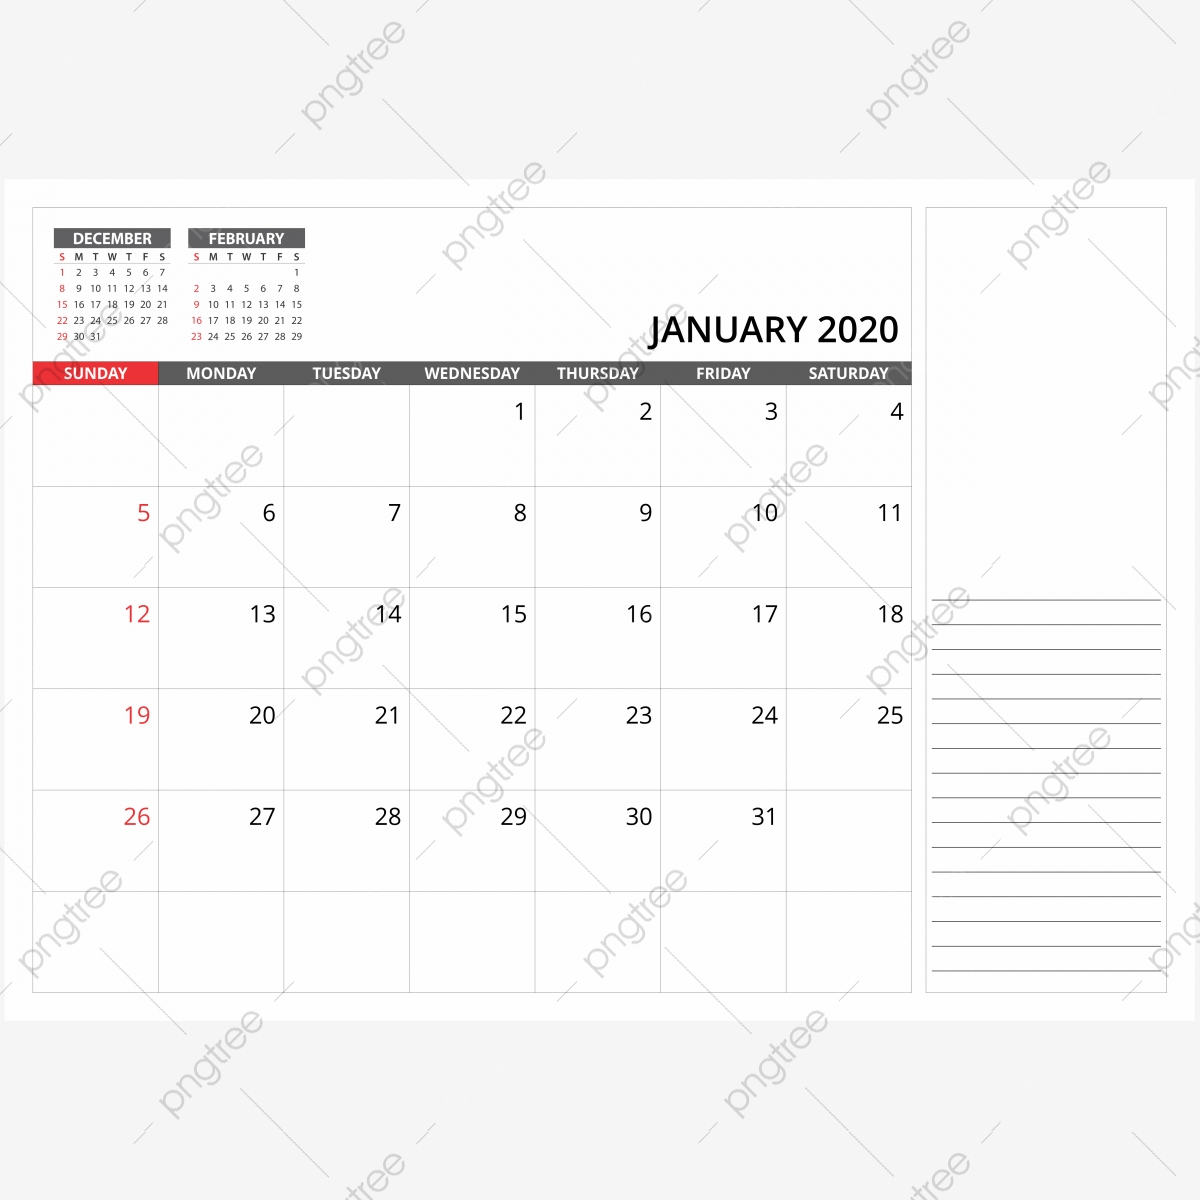 Январь Ежемесячный Настольный Календарь, Календарь, Png intended for January 2020 Calendar Png